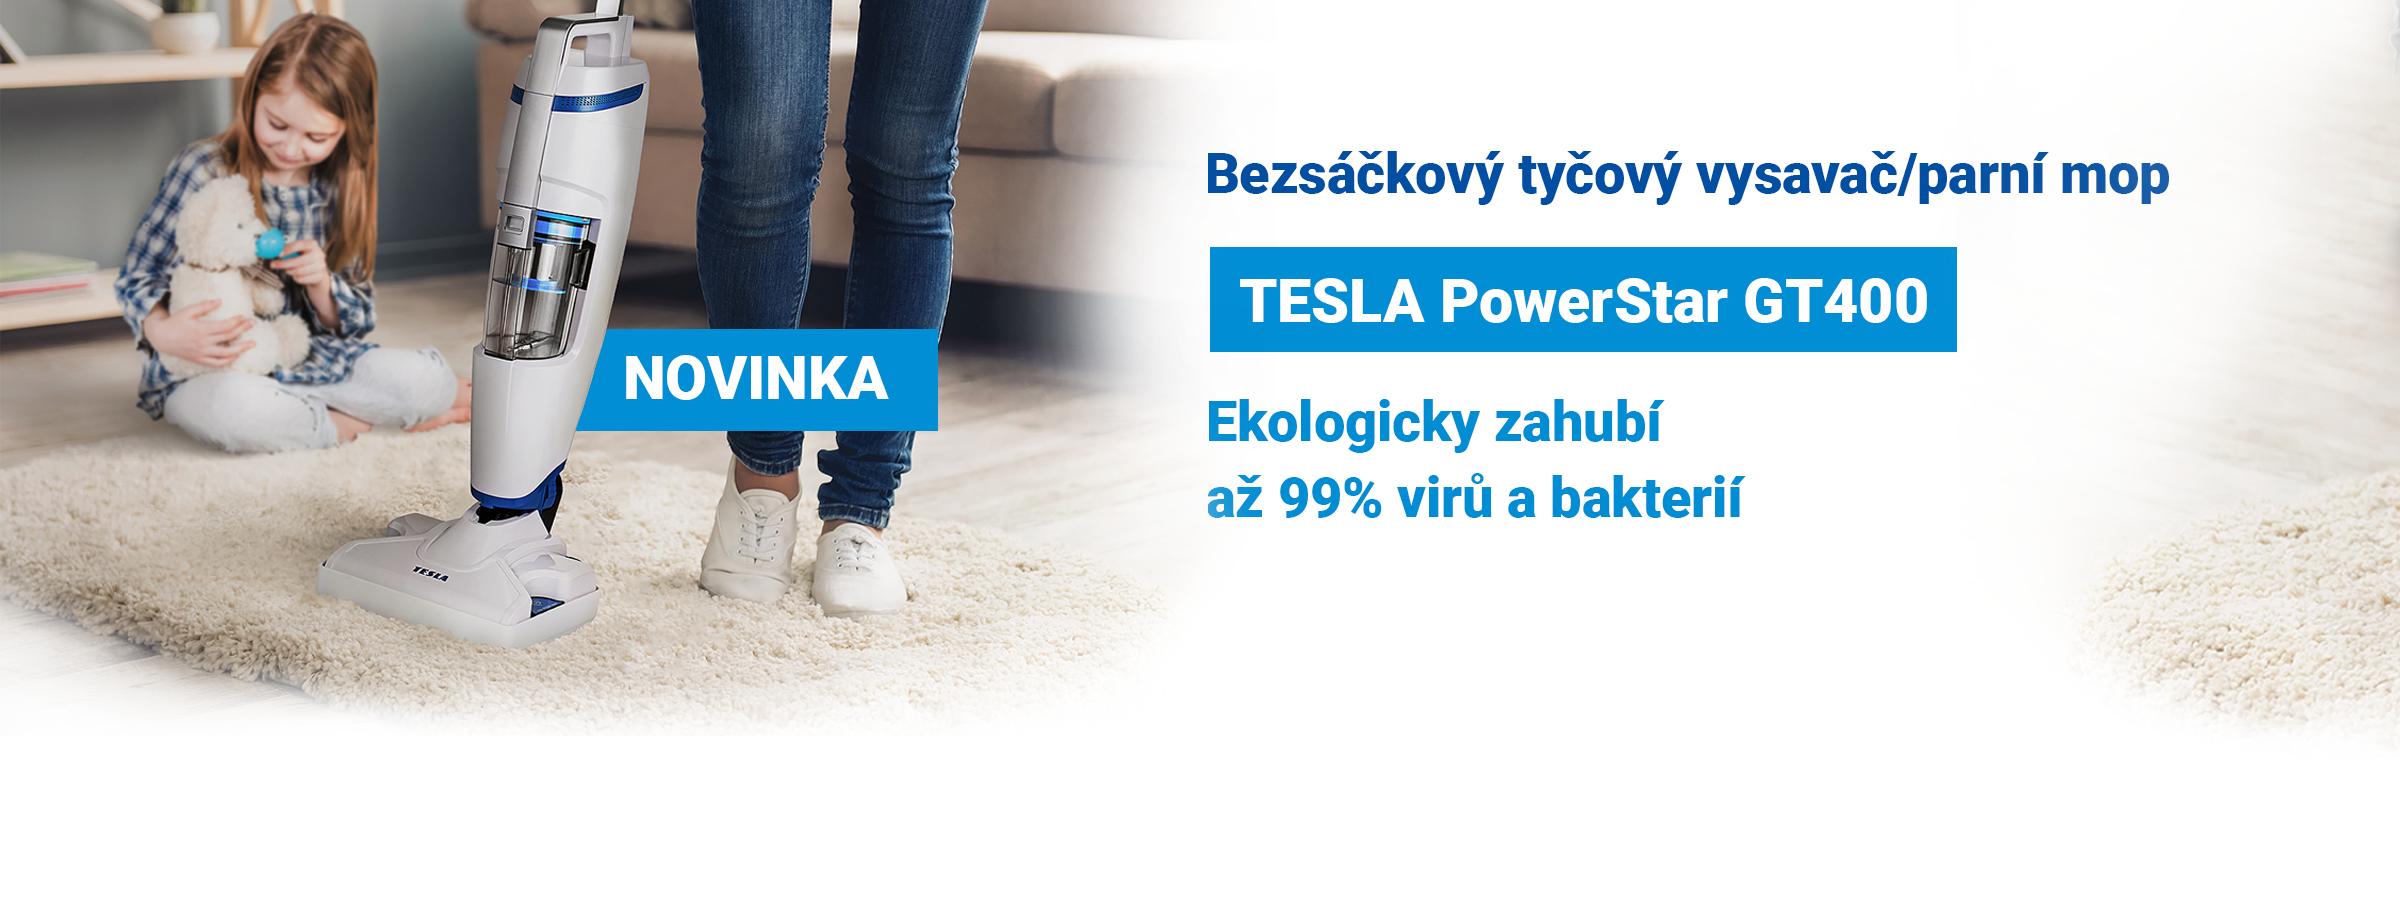 Novinka: TESLA PowerStar GT400 - bezsáčkový tyčový vysavač/parní mop